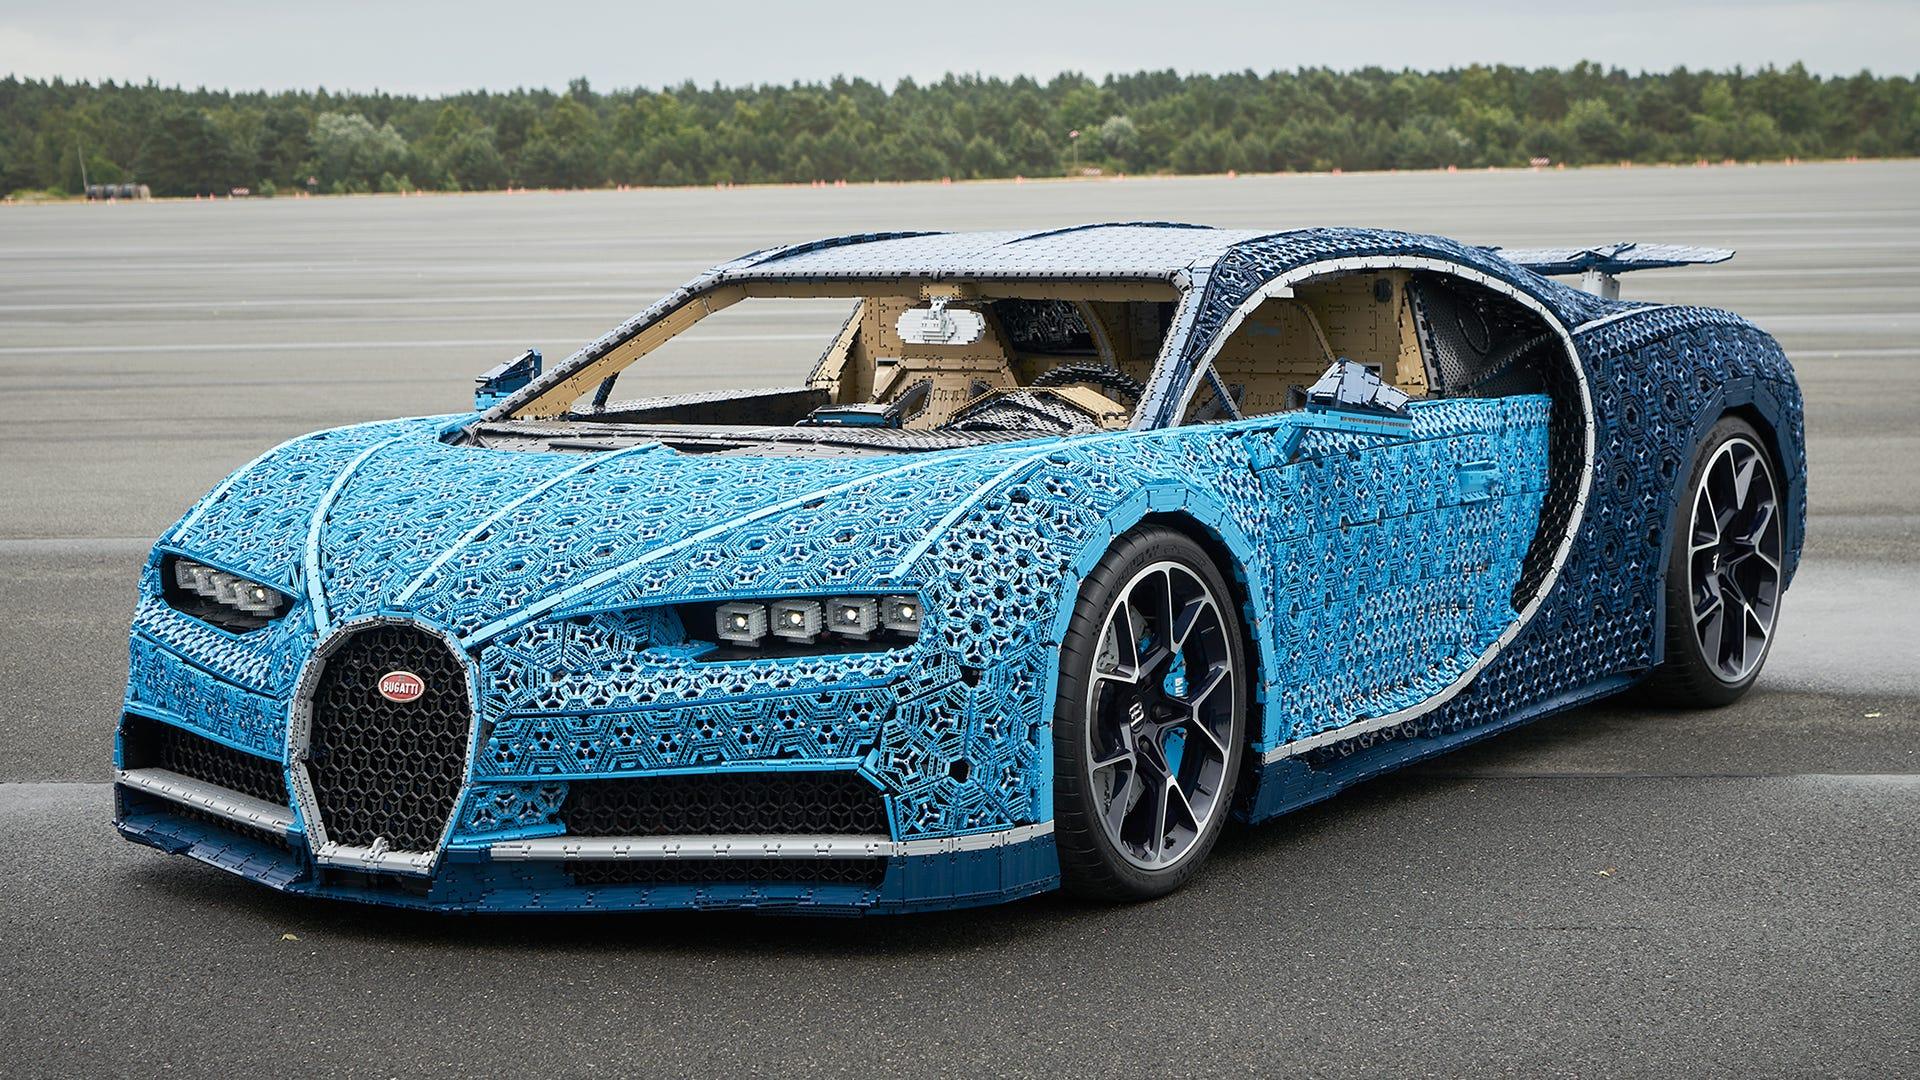 Der Millionen-Lego Bugatti erreicht eine Höchstgeschwindigkeit von fast 19 Meilen pro Stunde